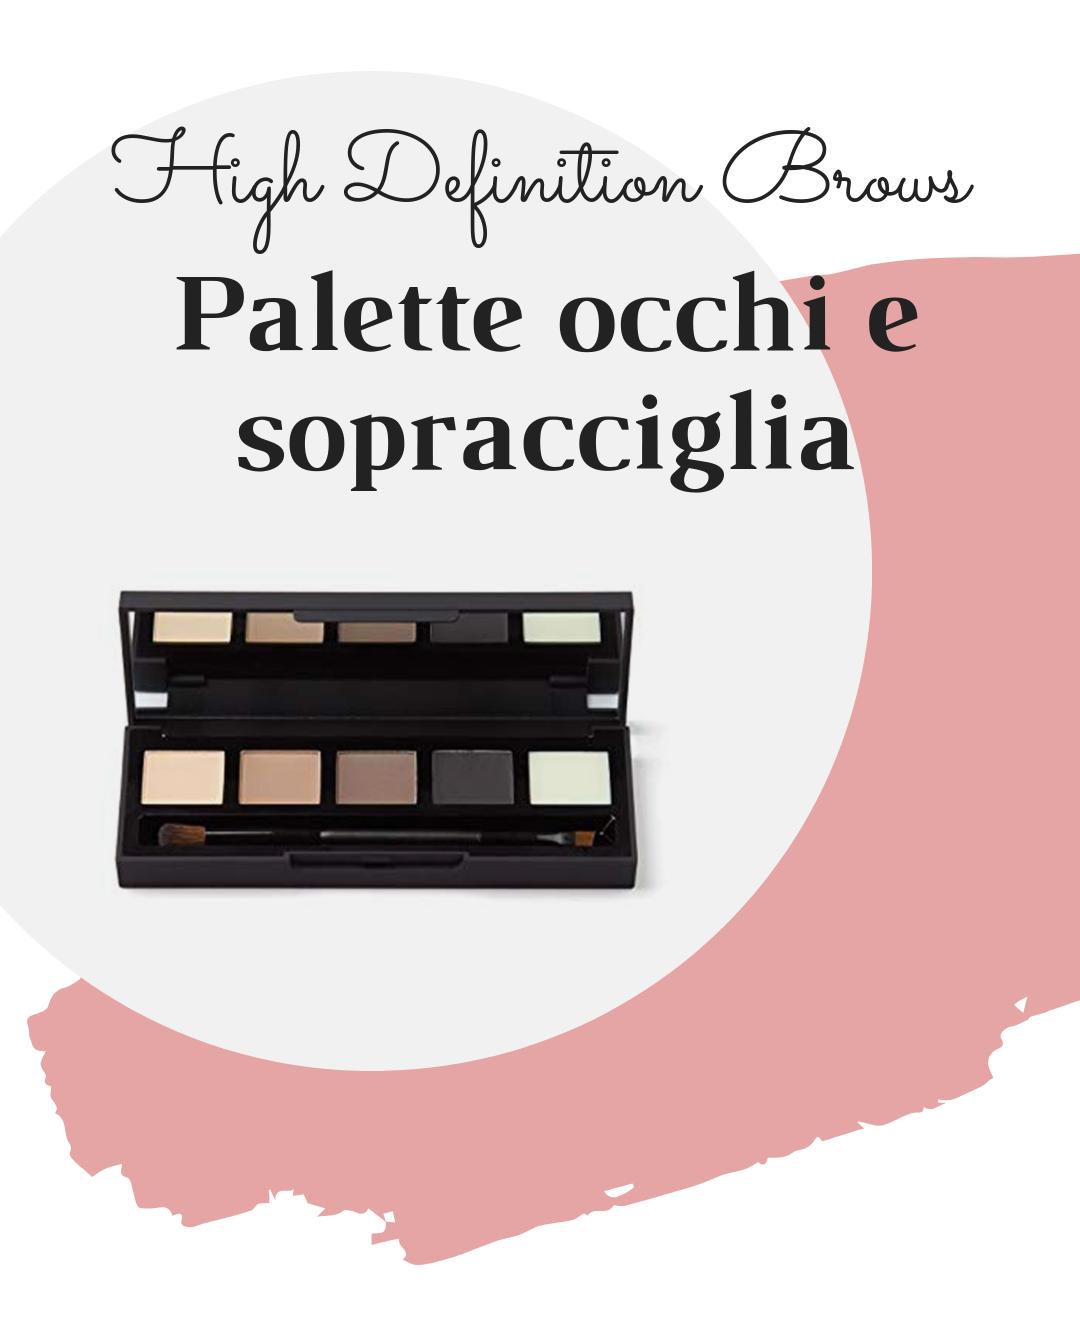 High Definition Brows Palette occhi e sopracciglia